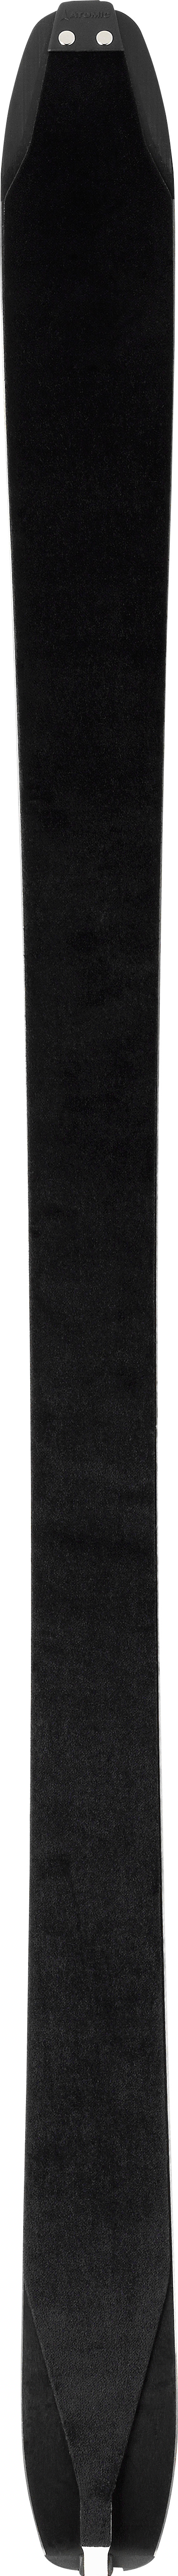 SKIN 78/80 Black